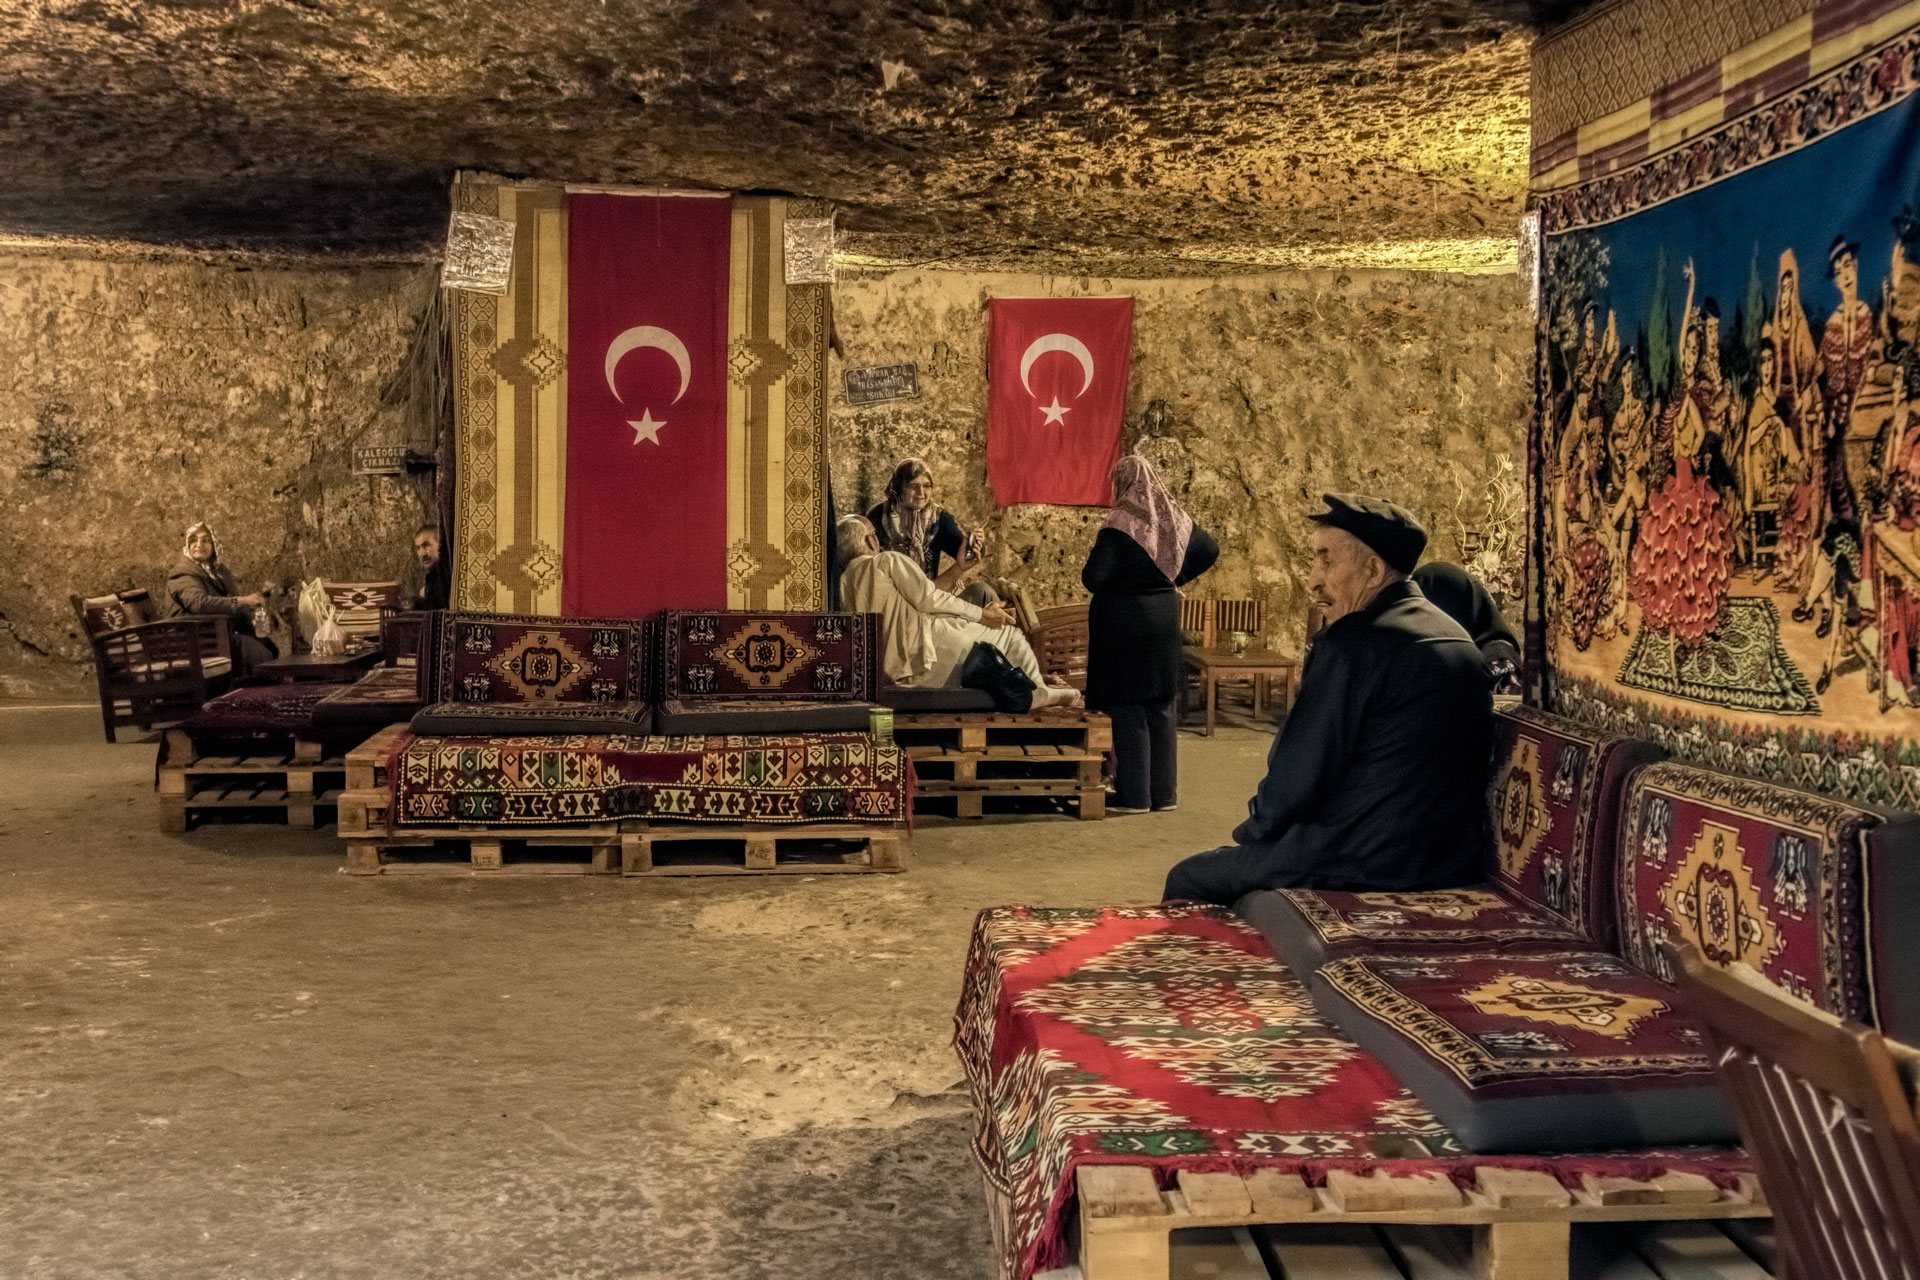 Gaziantep Fotoğrafları Türkiye Gezgin Fotoğrafçı Çekergezer Hakan Aydın Fotoğrafları www.cekergezer.com www.hakanaydın.com.tr